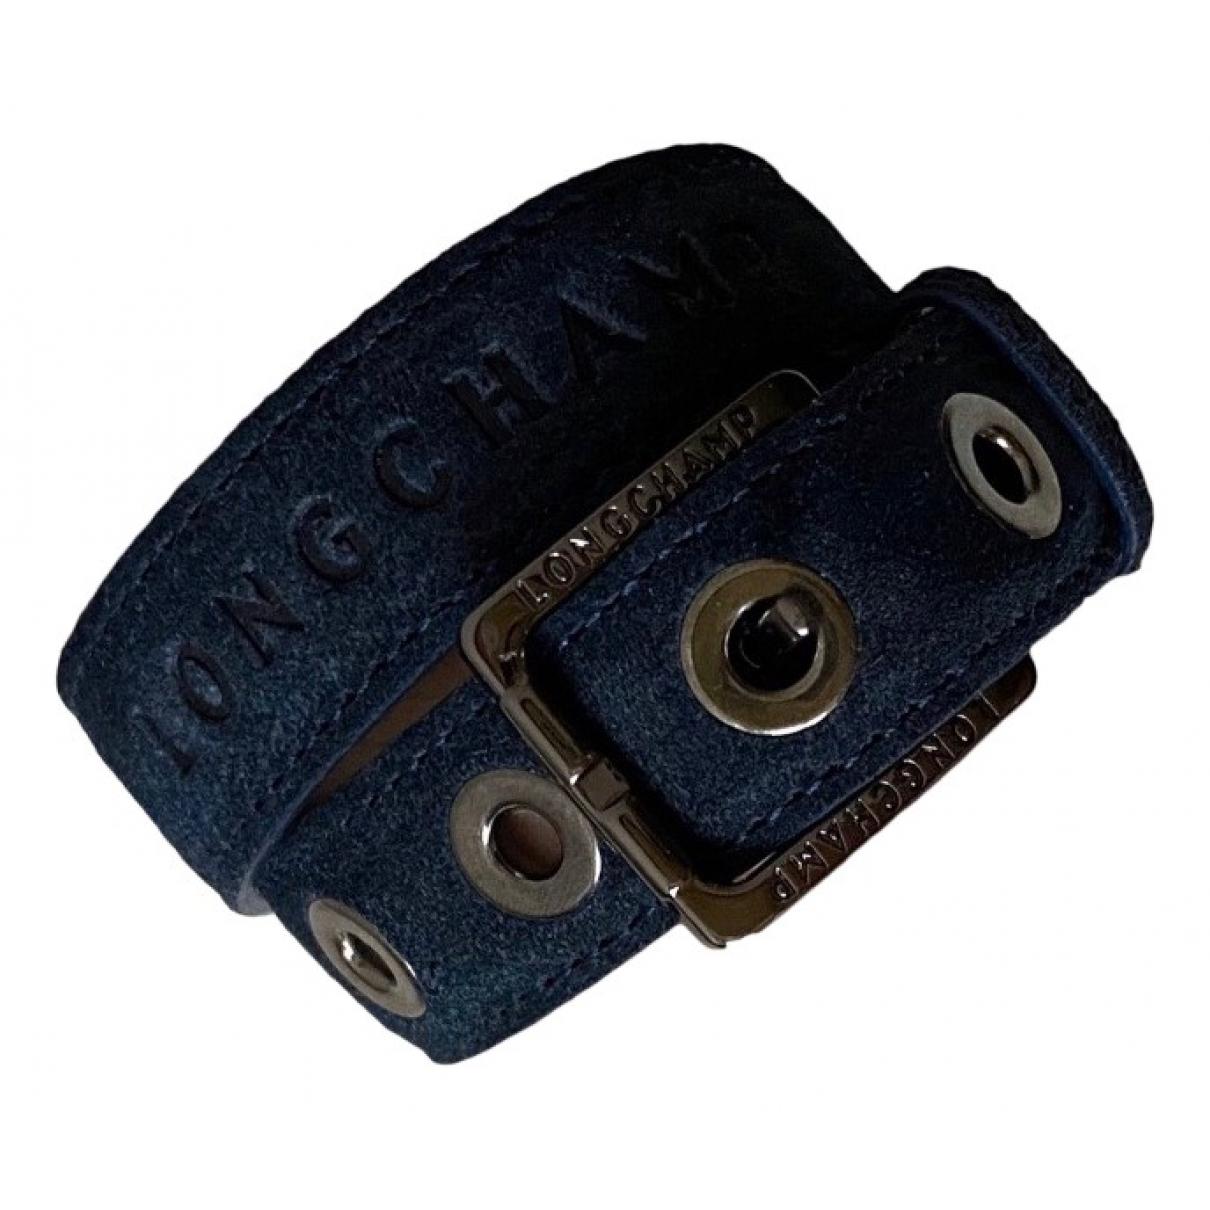 Longchamp \N Navy Leather bracelet for Women \N